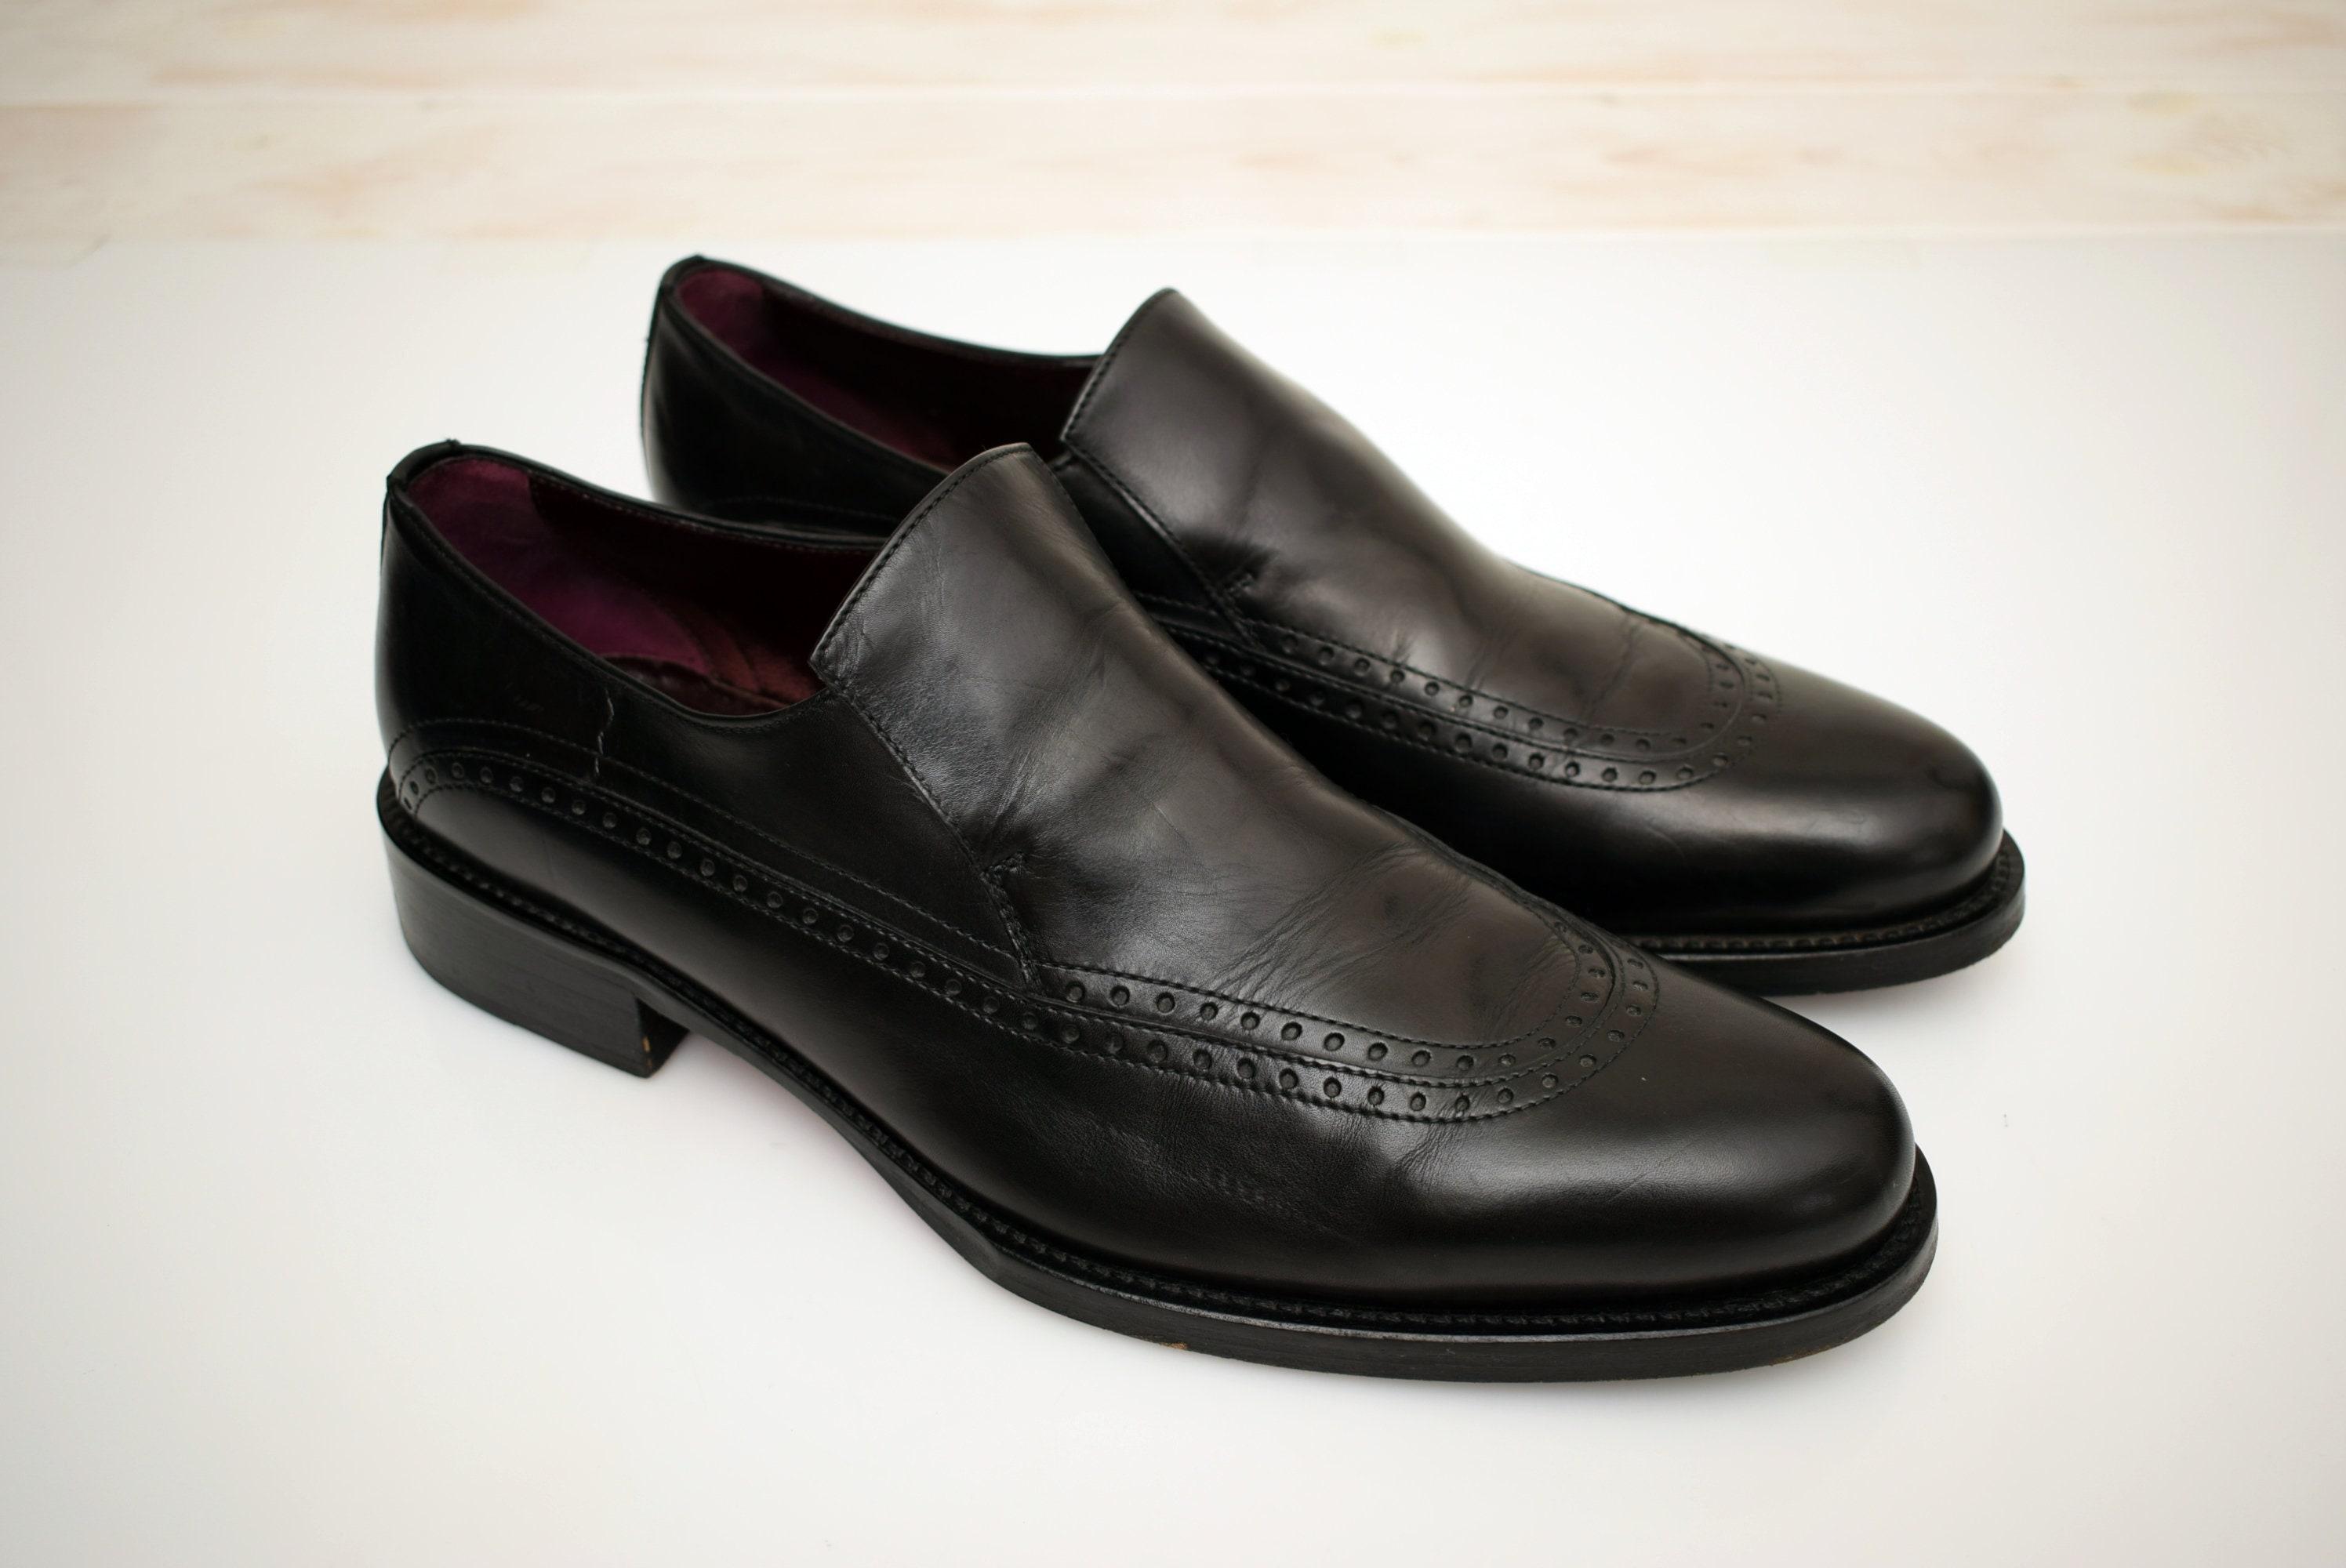 de176d9c062d5 Hugo Boss Loafers mens size UK 10,5 EUR 45 Leather Brogue Black Man Shoes  Men Elegant Pointed Toe Style Shoes